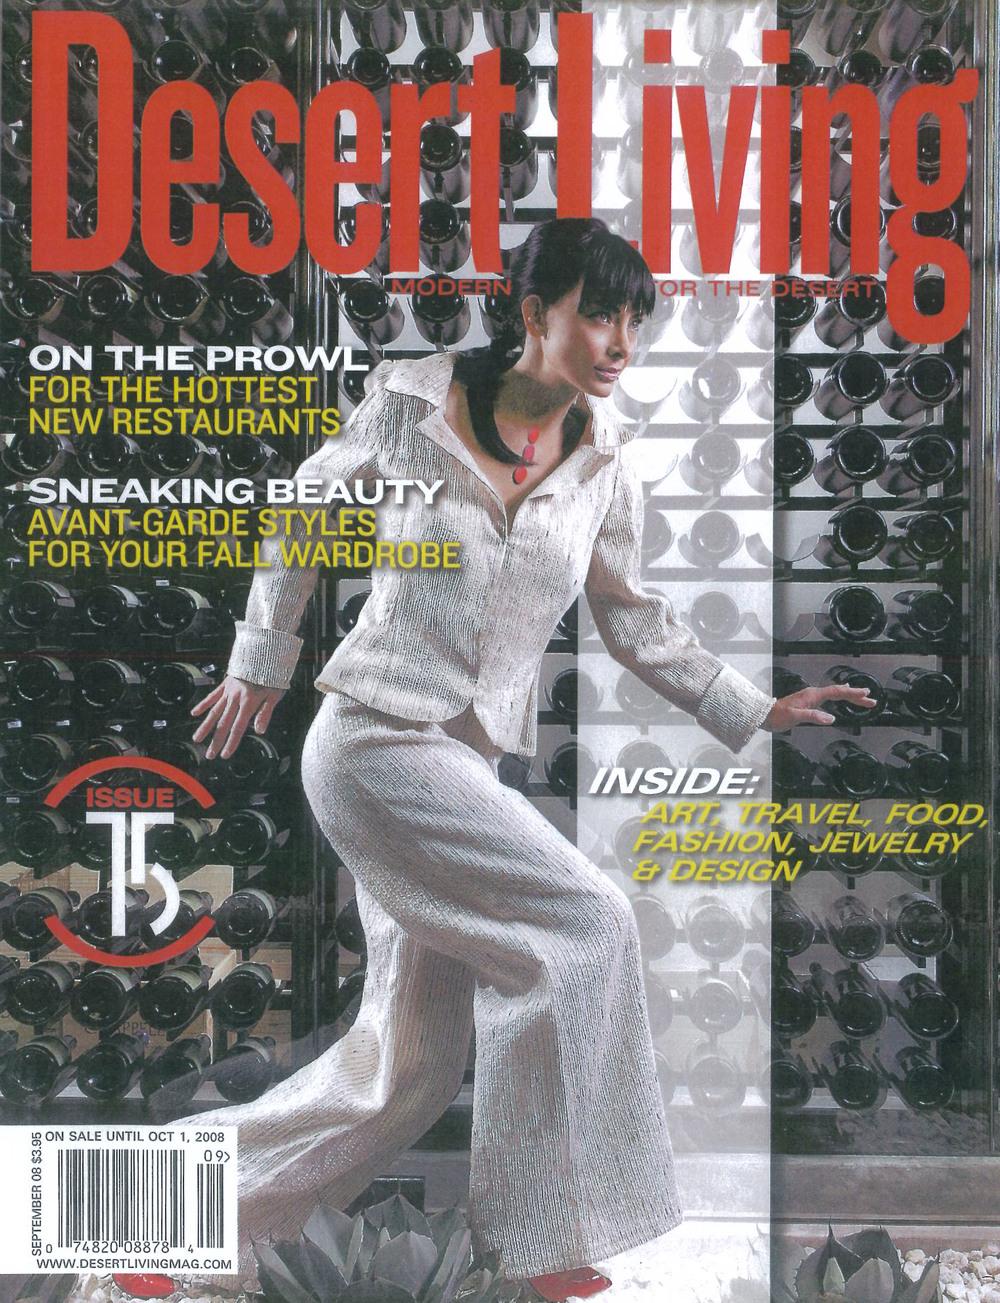 desertliving_sept08-FINAL-1.jpg